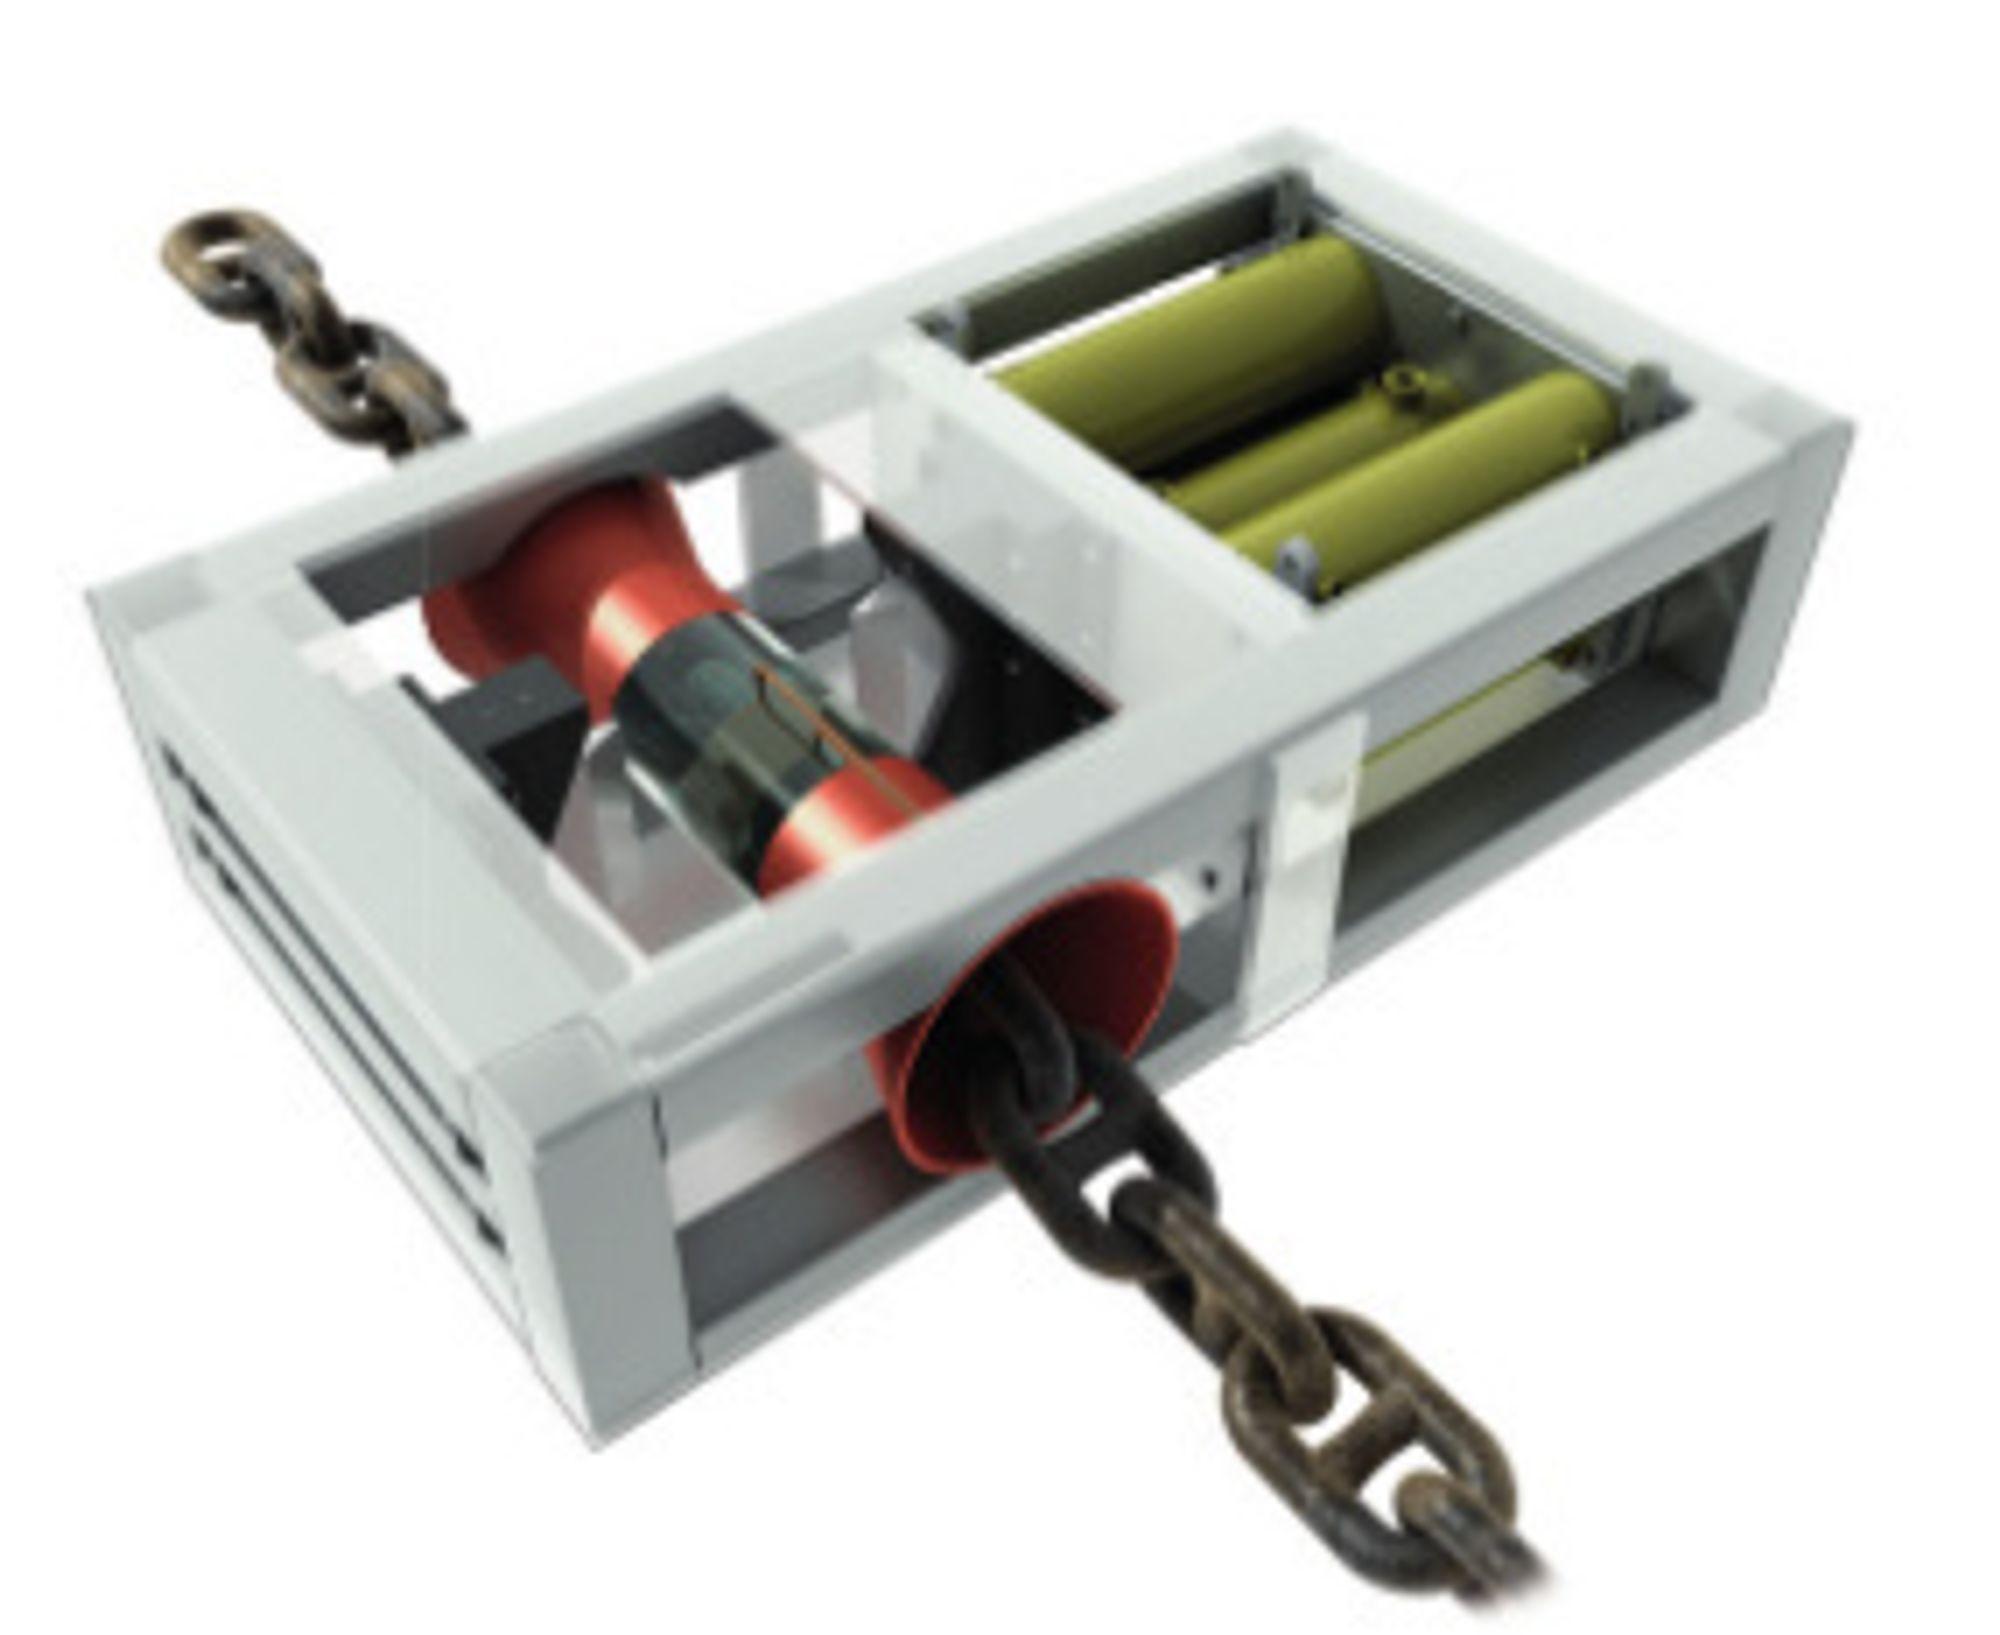 KAPPER STÅL: Prinsippskisse av Control Cutter for nødkapping av ankerkjettinger og wirer om bord i ankerhåndteringsfartøy.